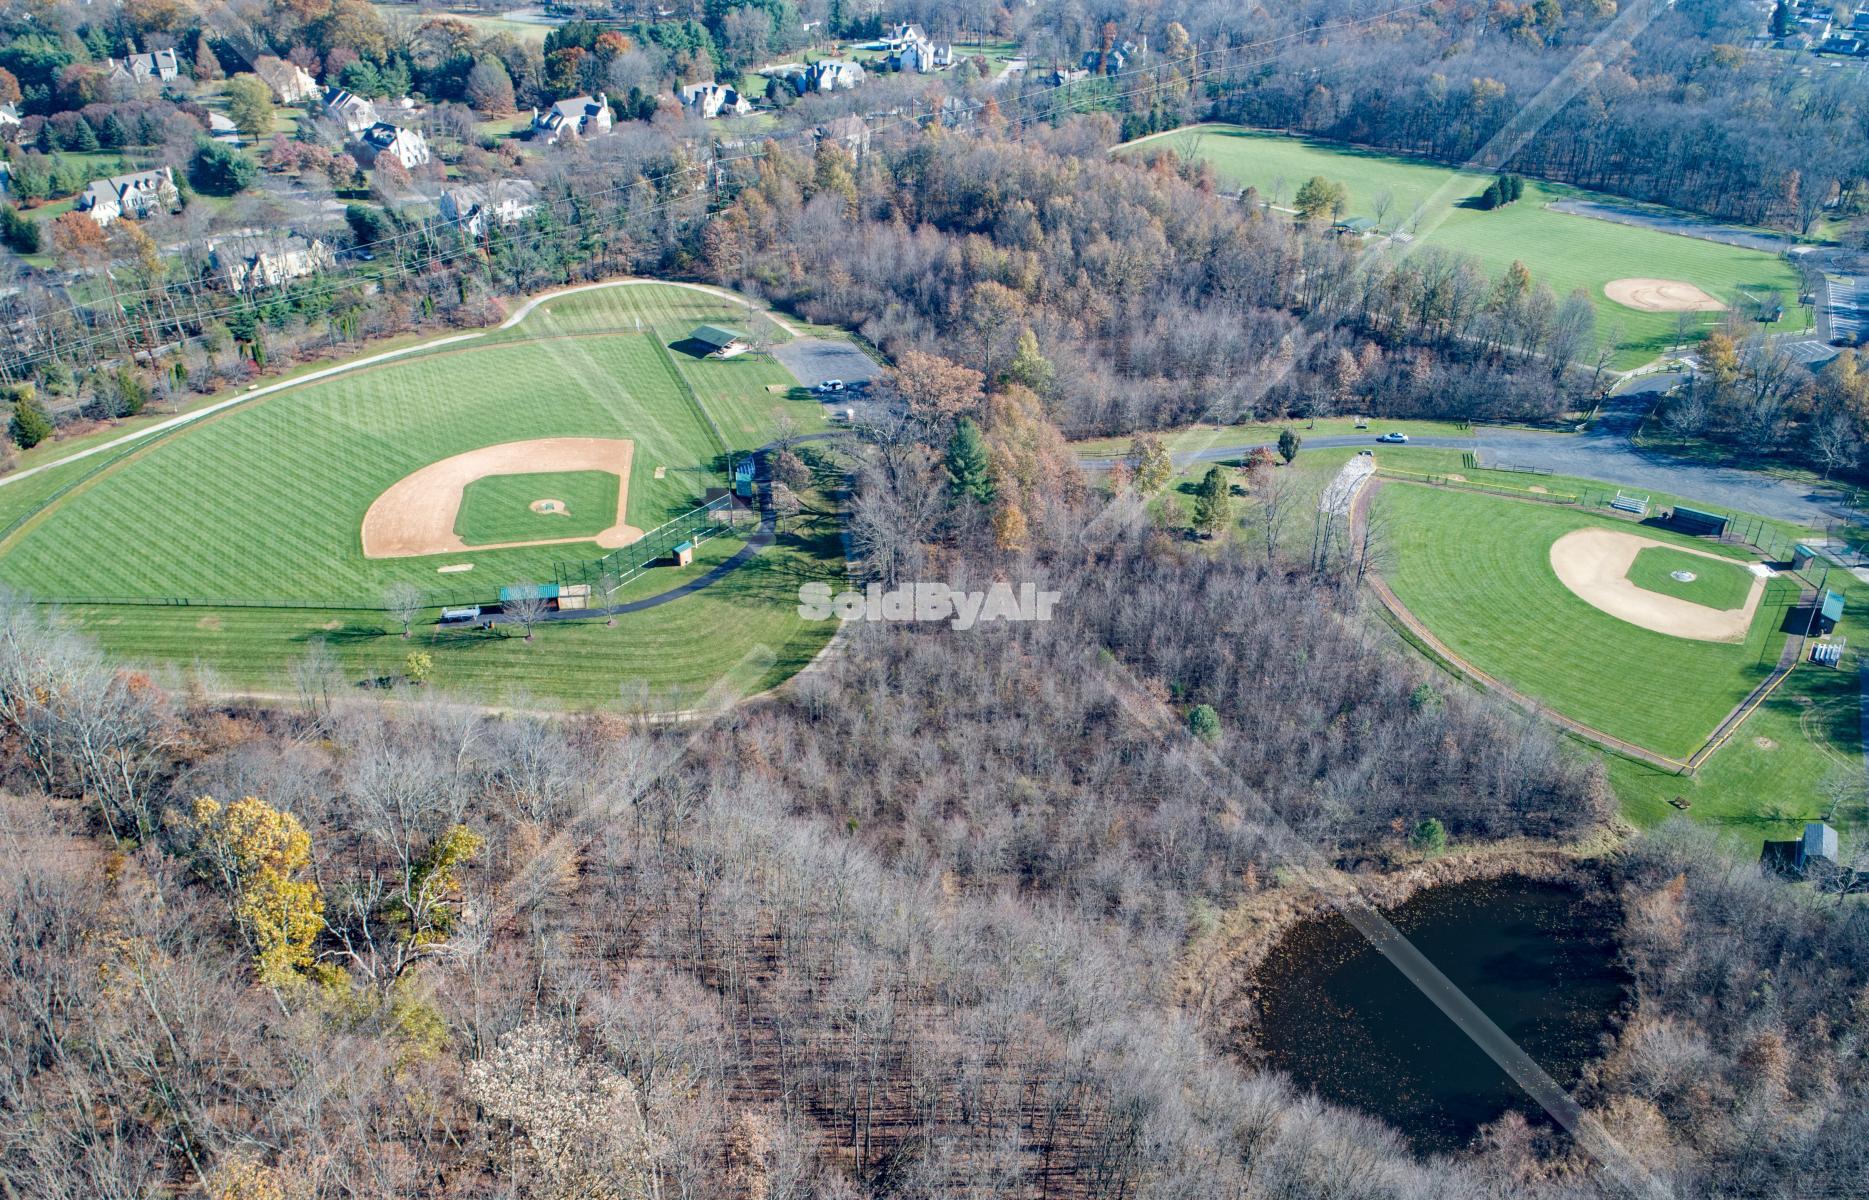 Drone Photo of Penllyn Woods in Lower Gwynedd Township Pennsylvania